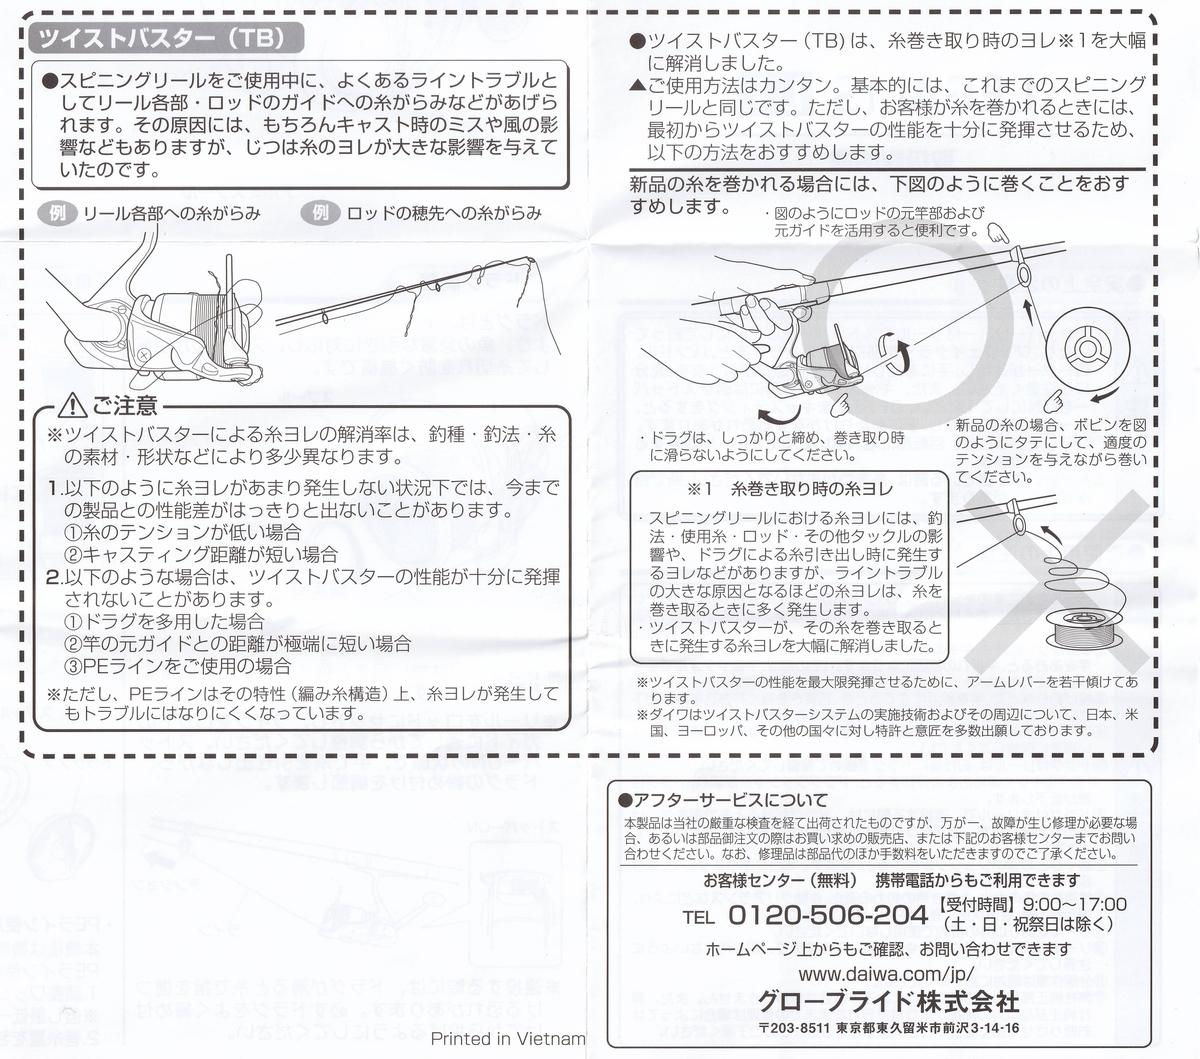 f:id:totoro-niisan:20200531053703j:plain